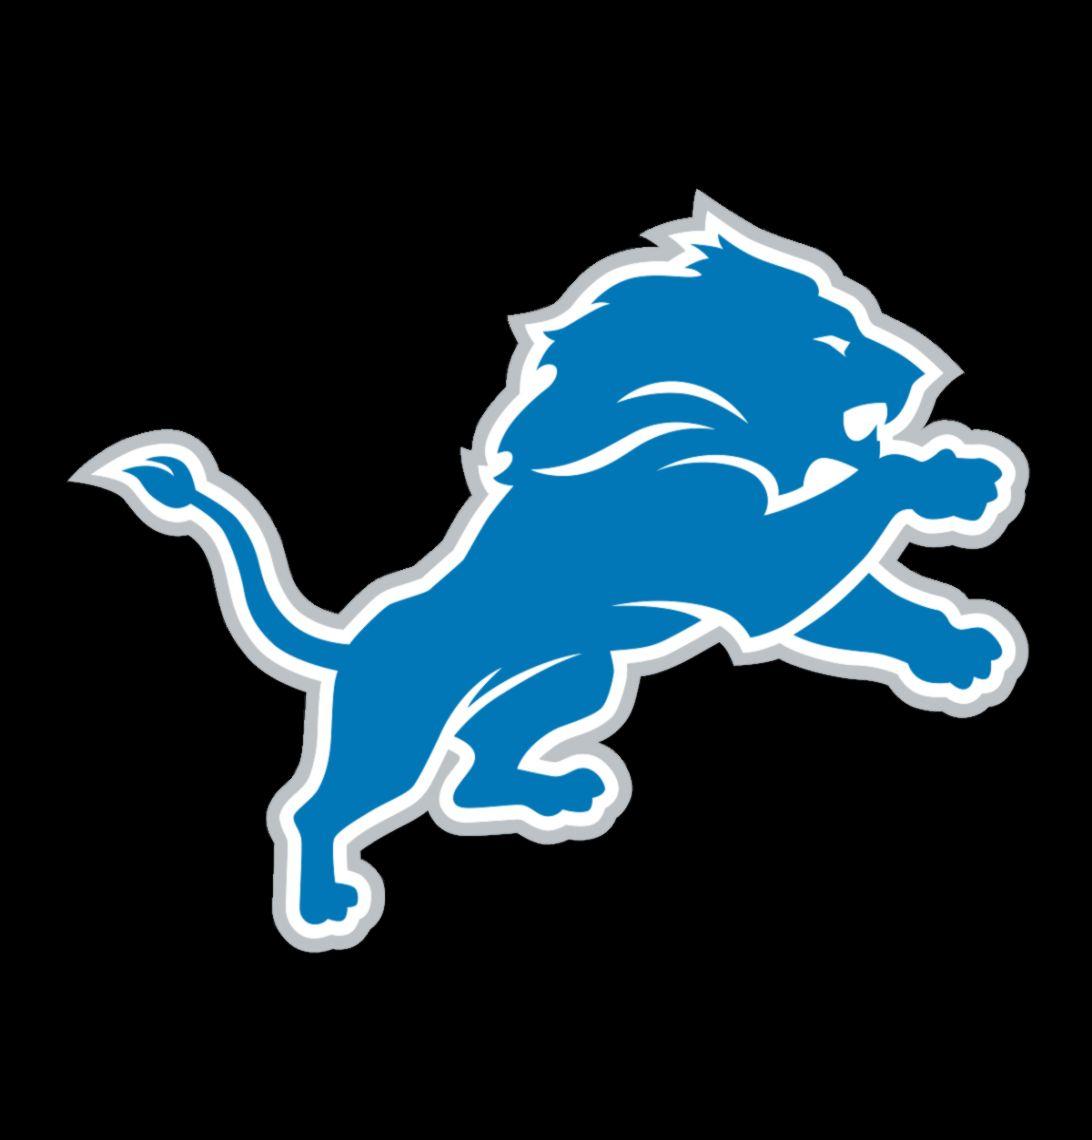 Nfl Detroit Lions Logo Blue 1920X1200 Wallpaper | Nababan ...